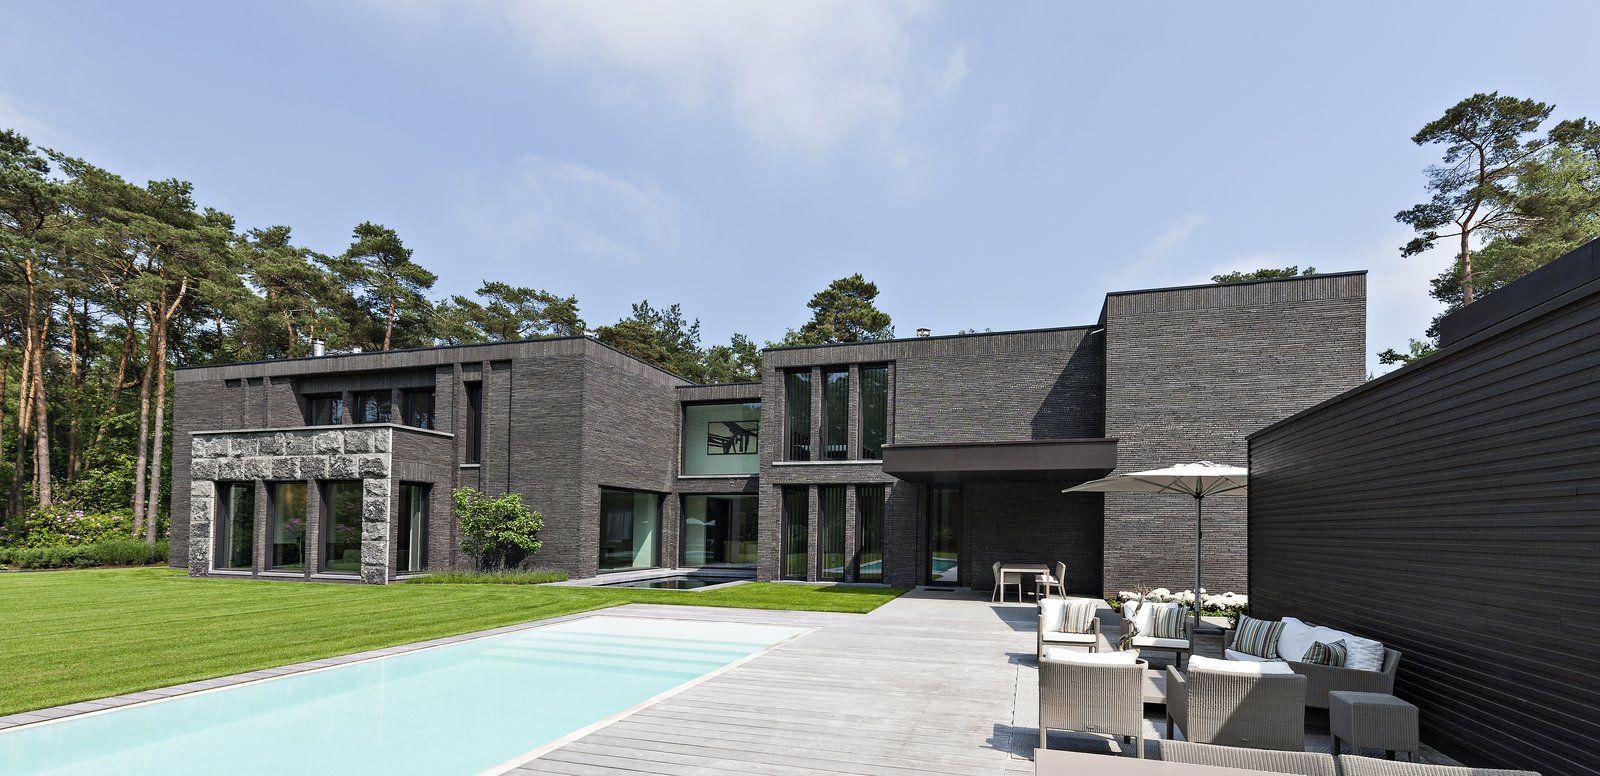 Prestigious Modern Villa in Belgium Asks $6.8M | home decor ...